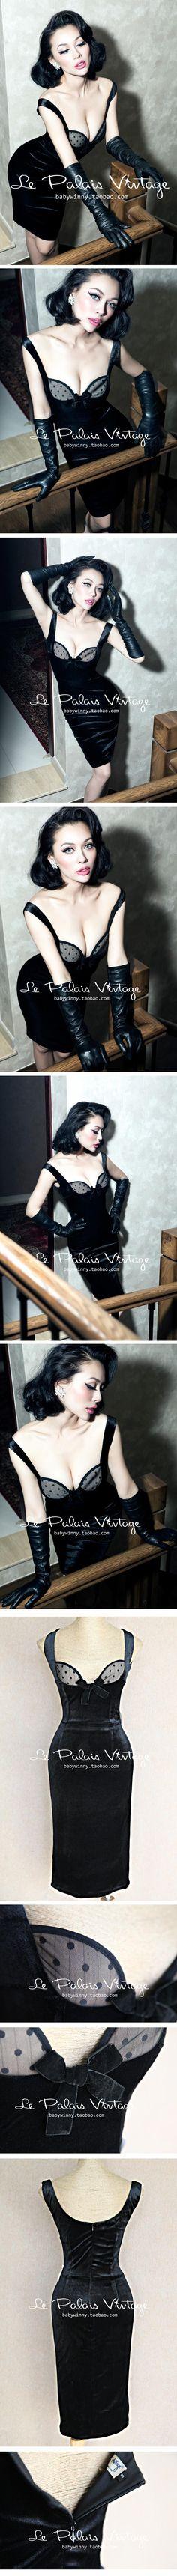 ... серия винтажные элегантные сексуальные черные лоскутное корсаж Тип  облегающие Low Cut цельнокроеное платье купить в магазине Mr. and miss на  AliExpress 4e2830b5b8b